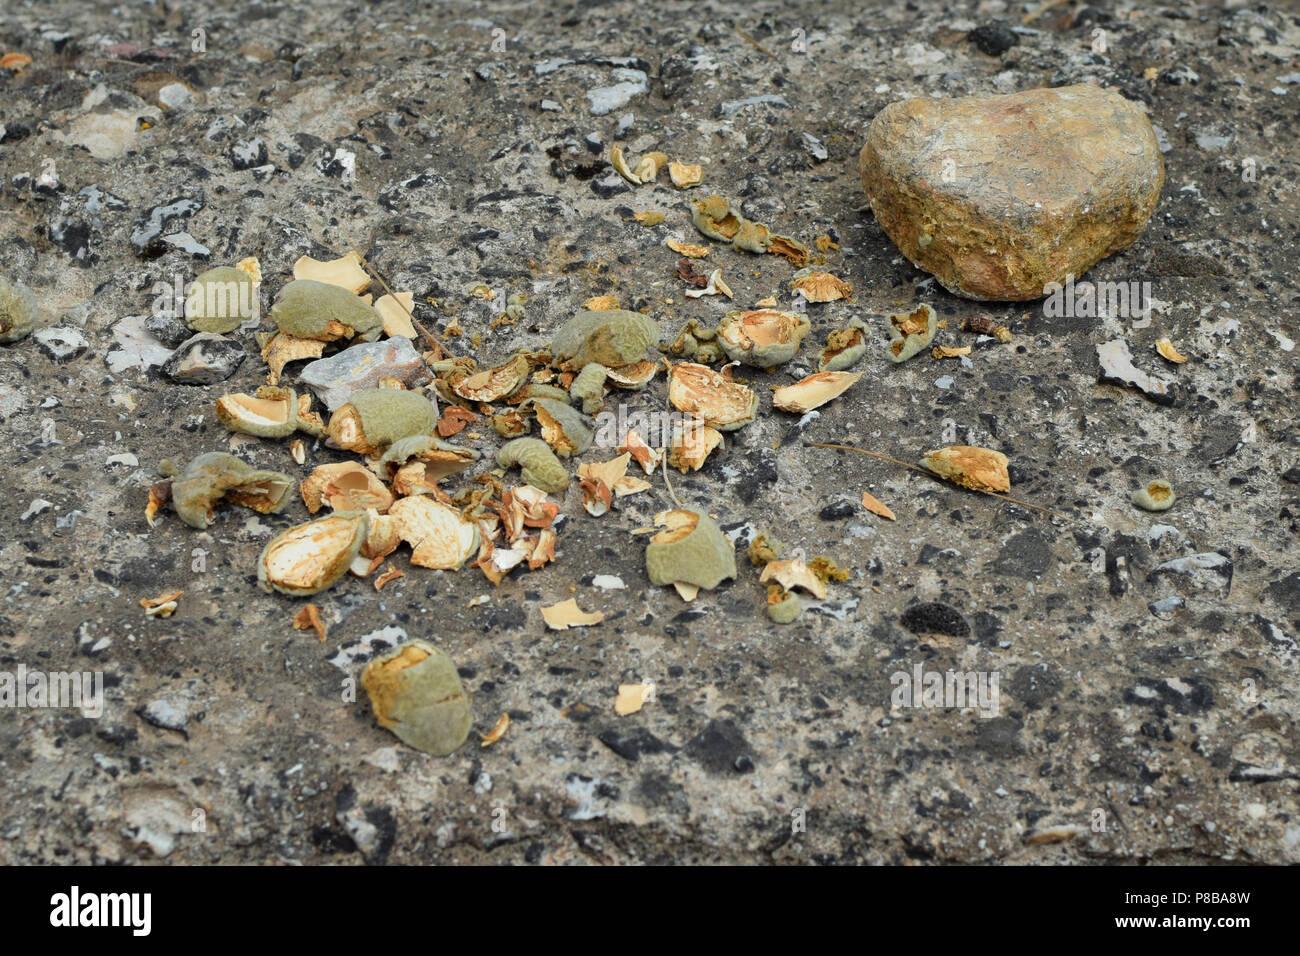 Mandorla fresca gusci dello scafo crepe aperte con una pietra. Foto Stock